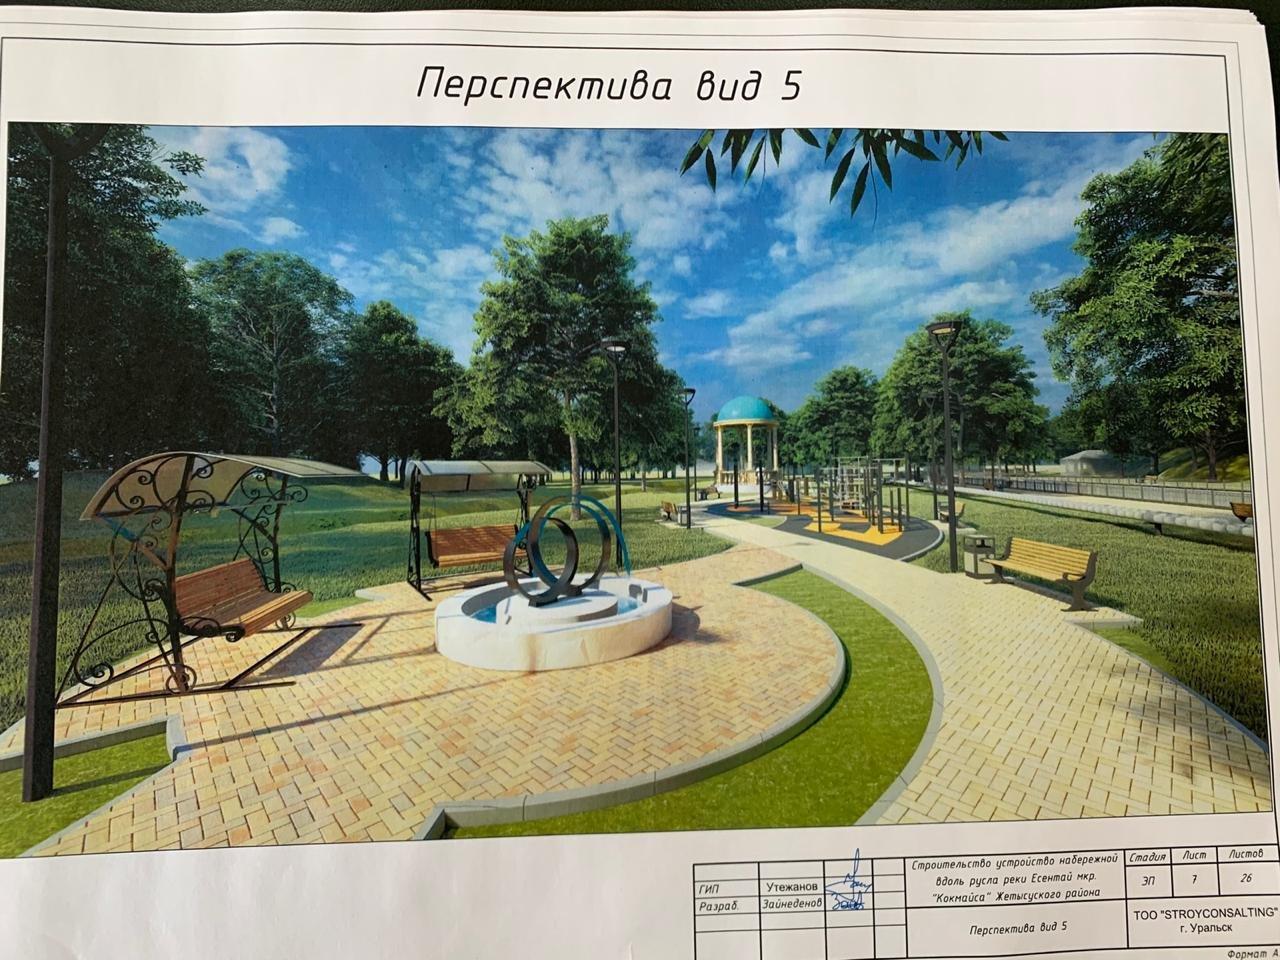 В Жетысуском районе Алматы планируют построить парковую зону вдоль набережной реки Есентай, фото-1